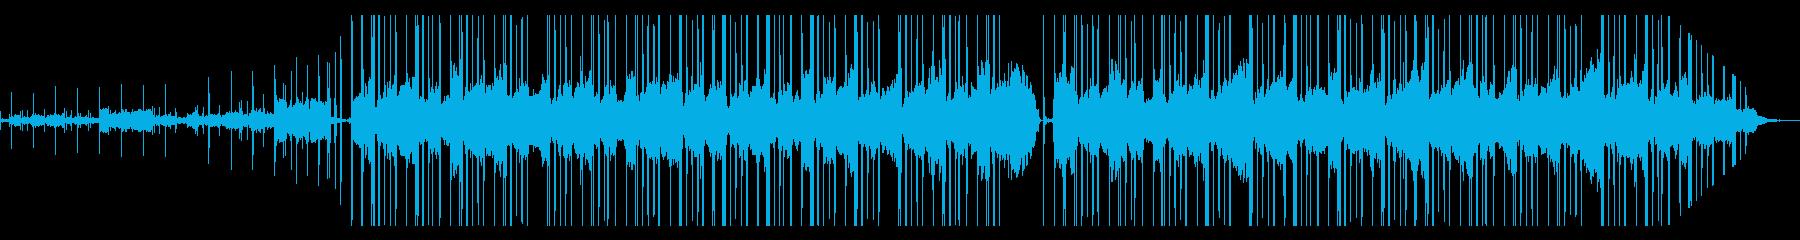 Lofi Hiphop/ワクワク/楽しいの再生済みの波形